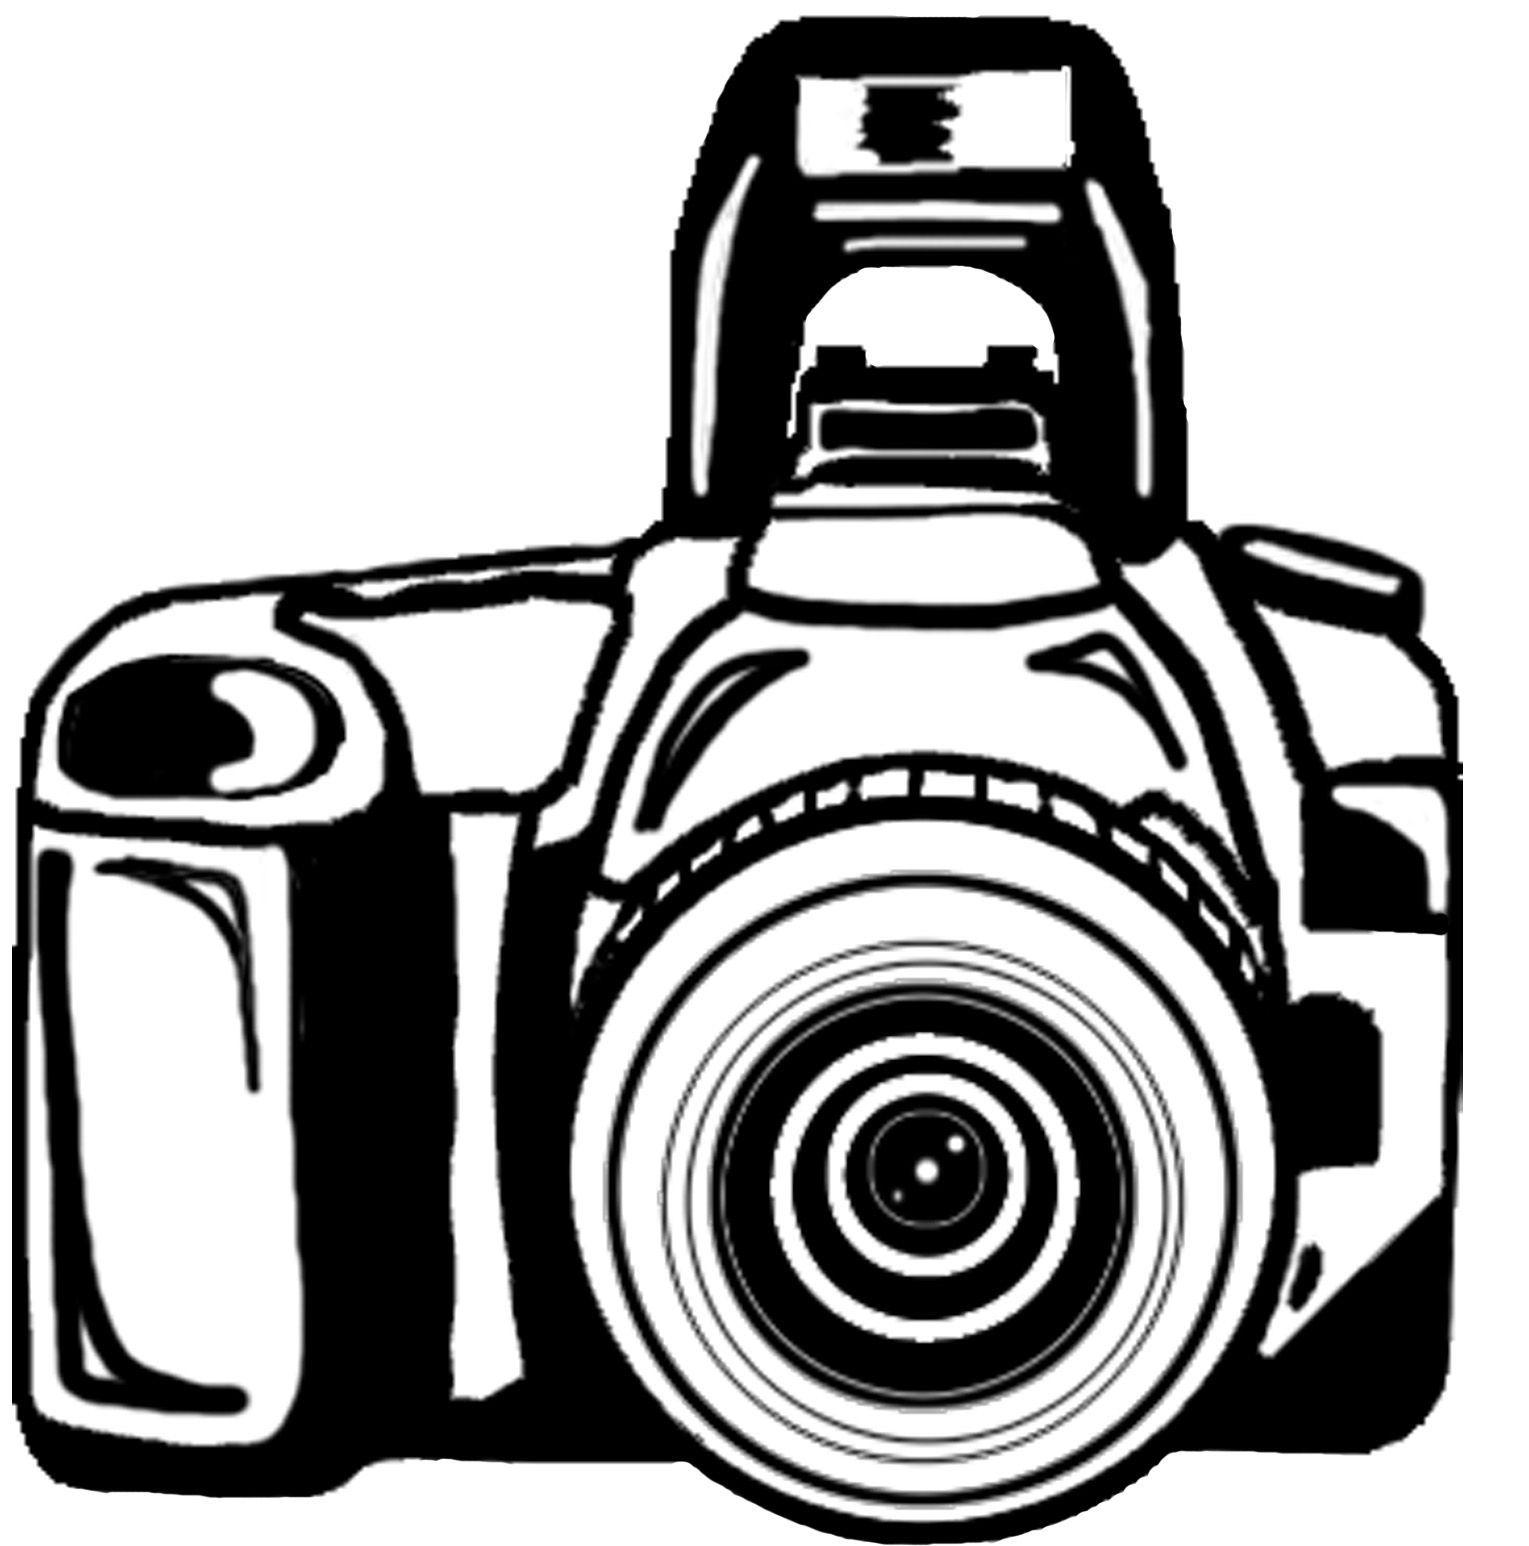 Camera designcamera vectorcamera.